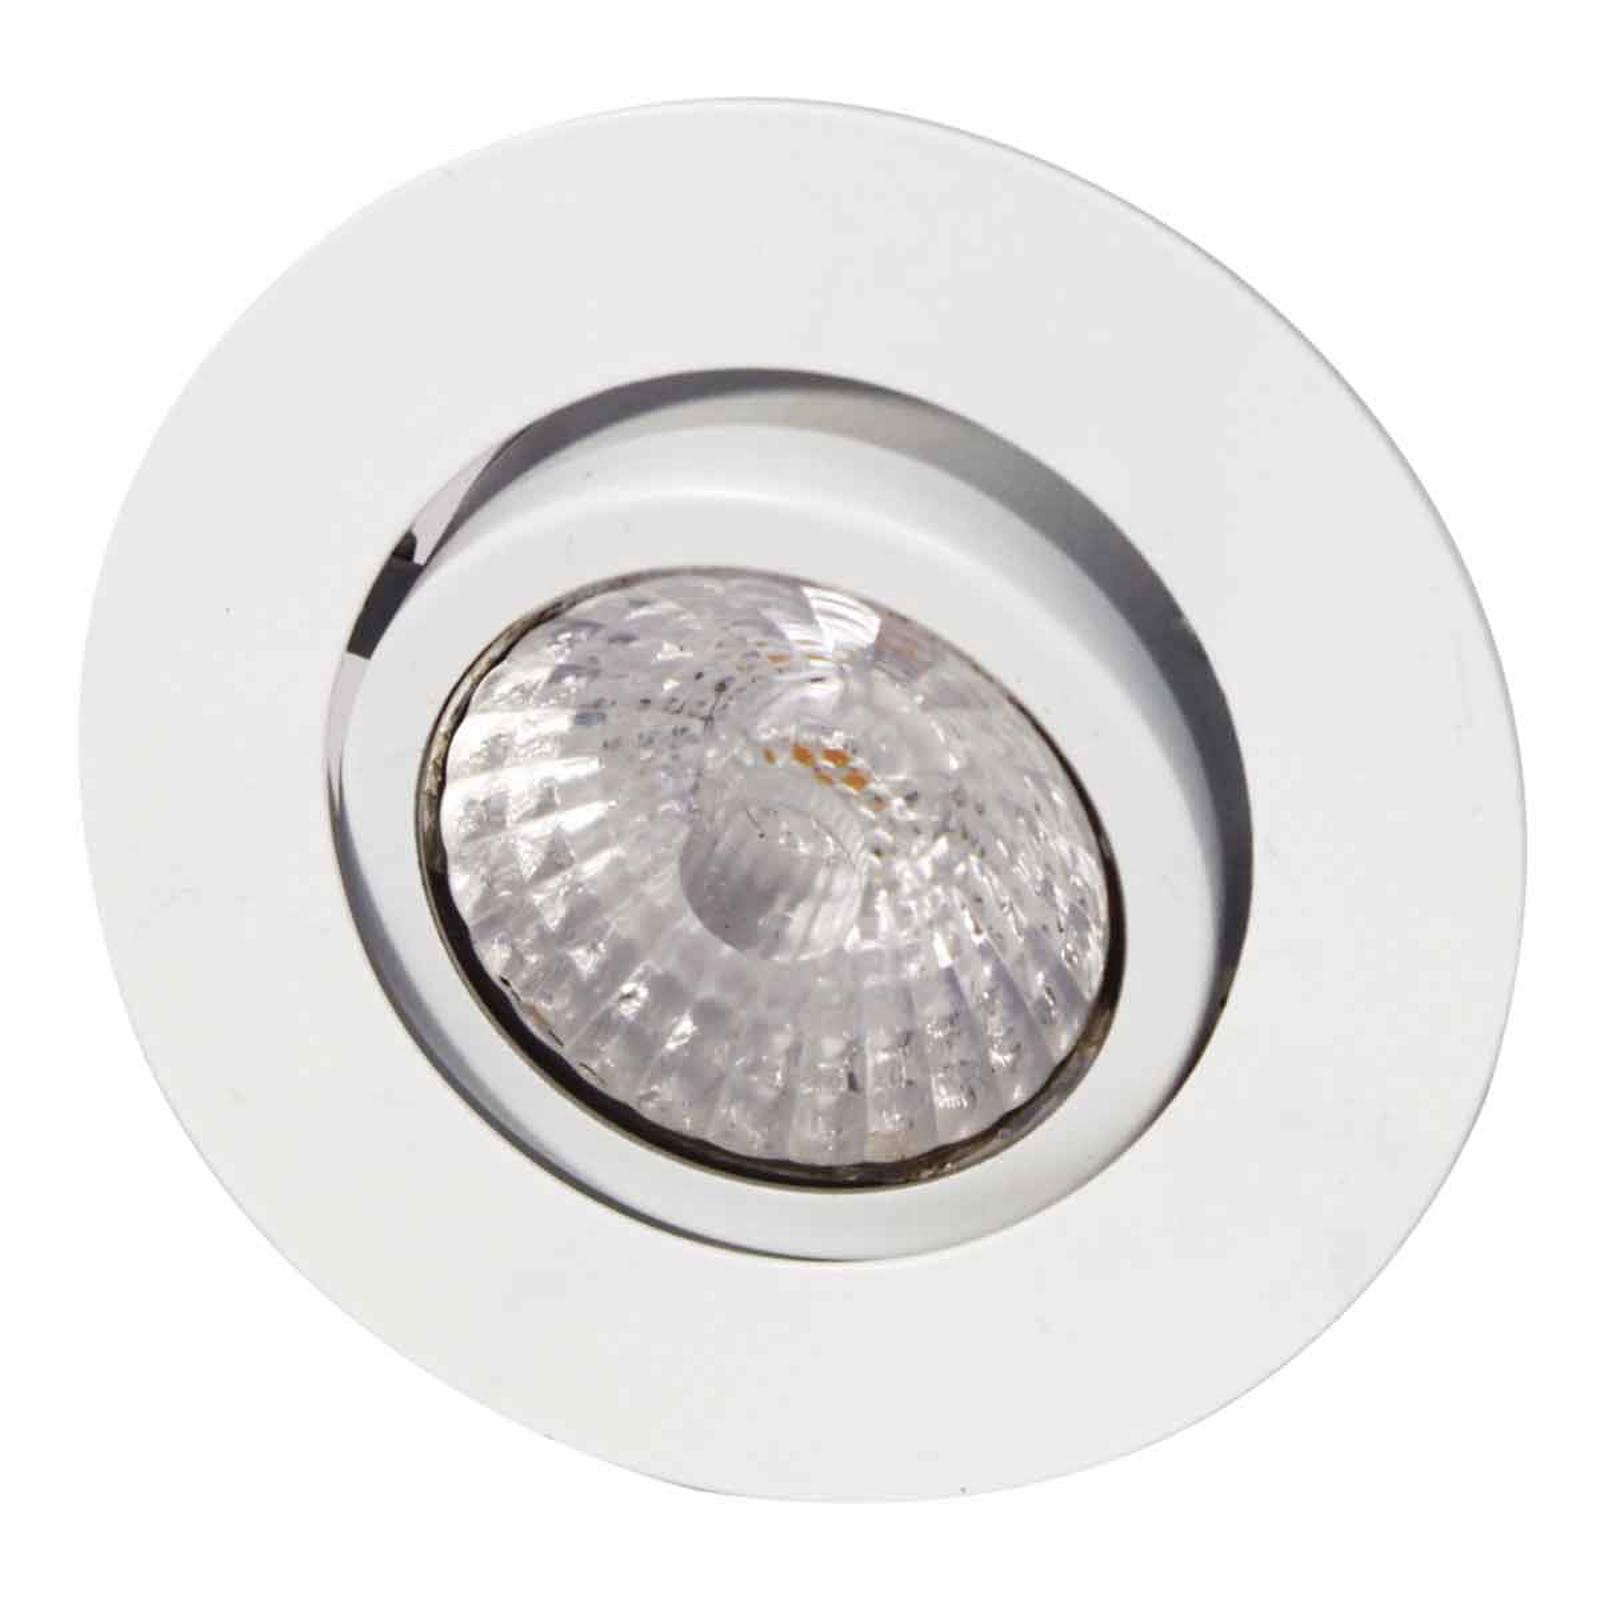 Rico LED innfellingstakspot 9 W, hvit